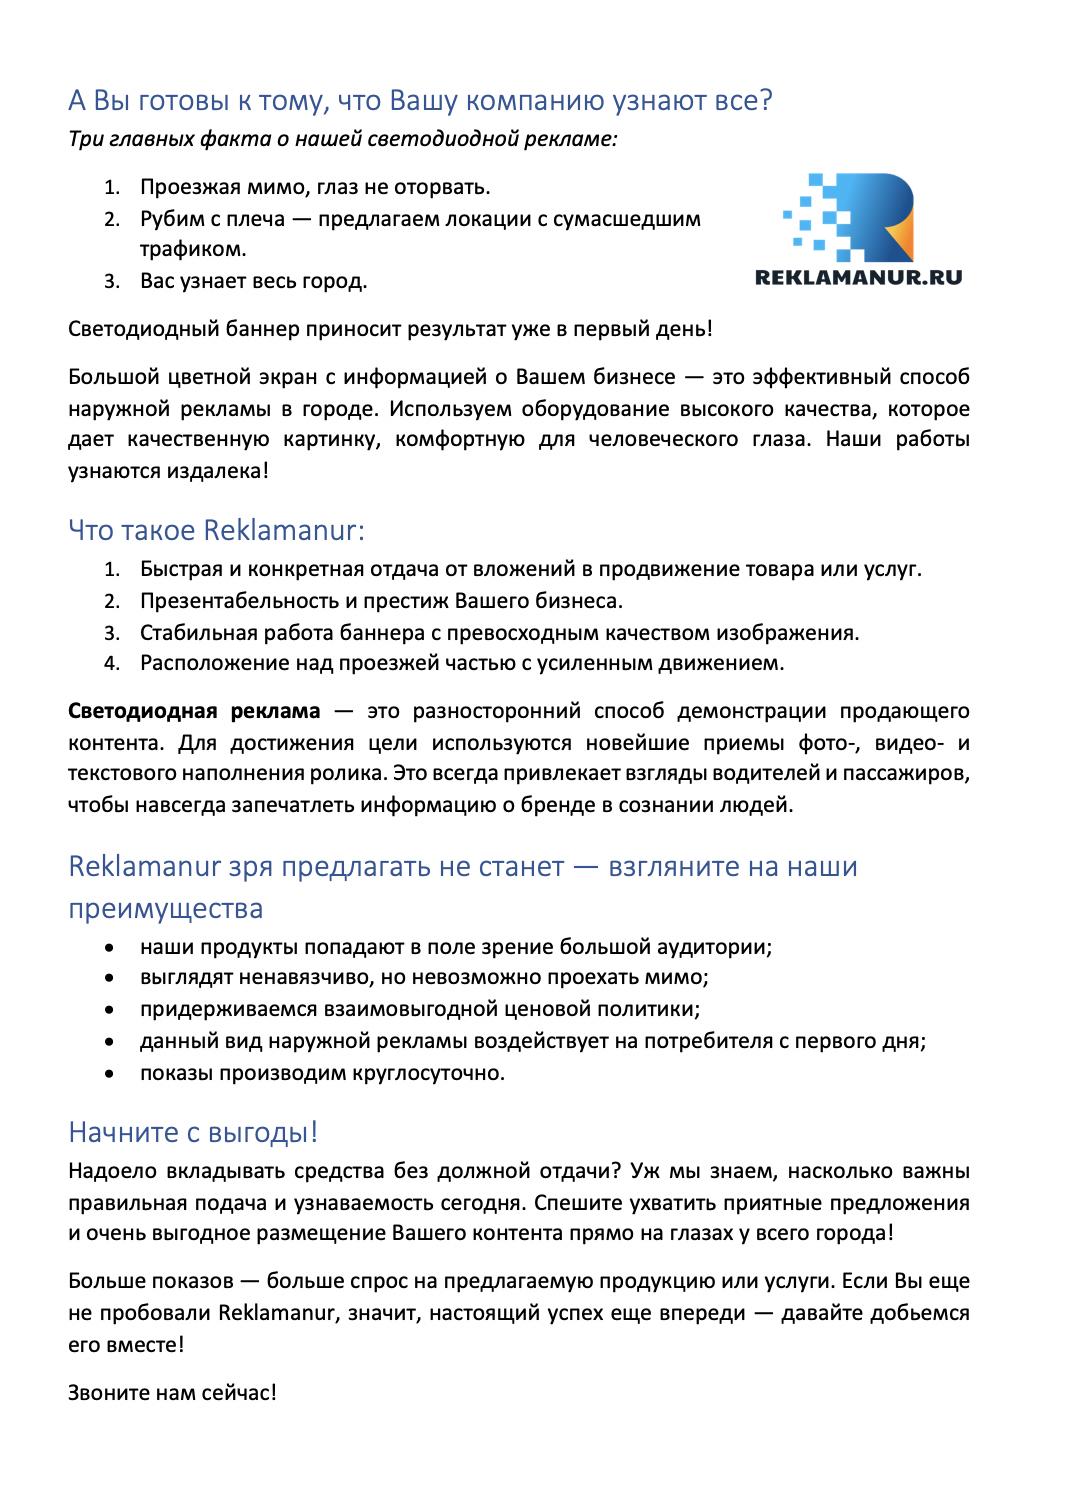 Пример 89 коммерческое предложение для Reklamanur